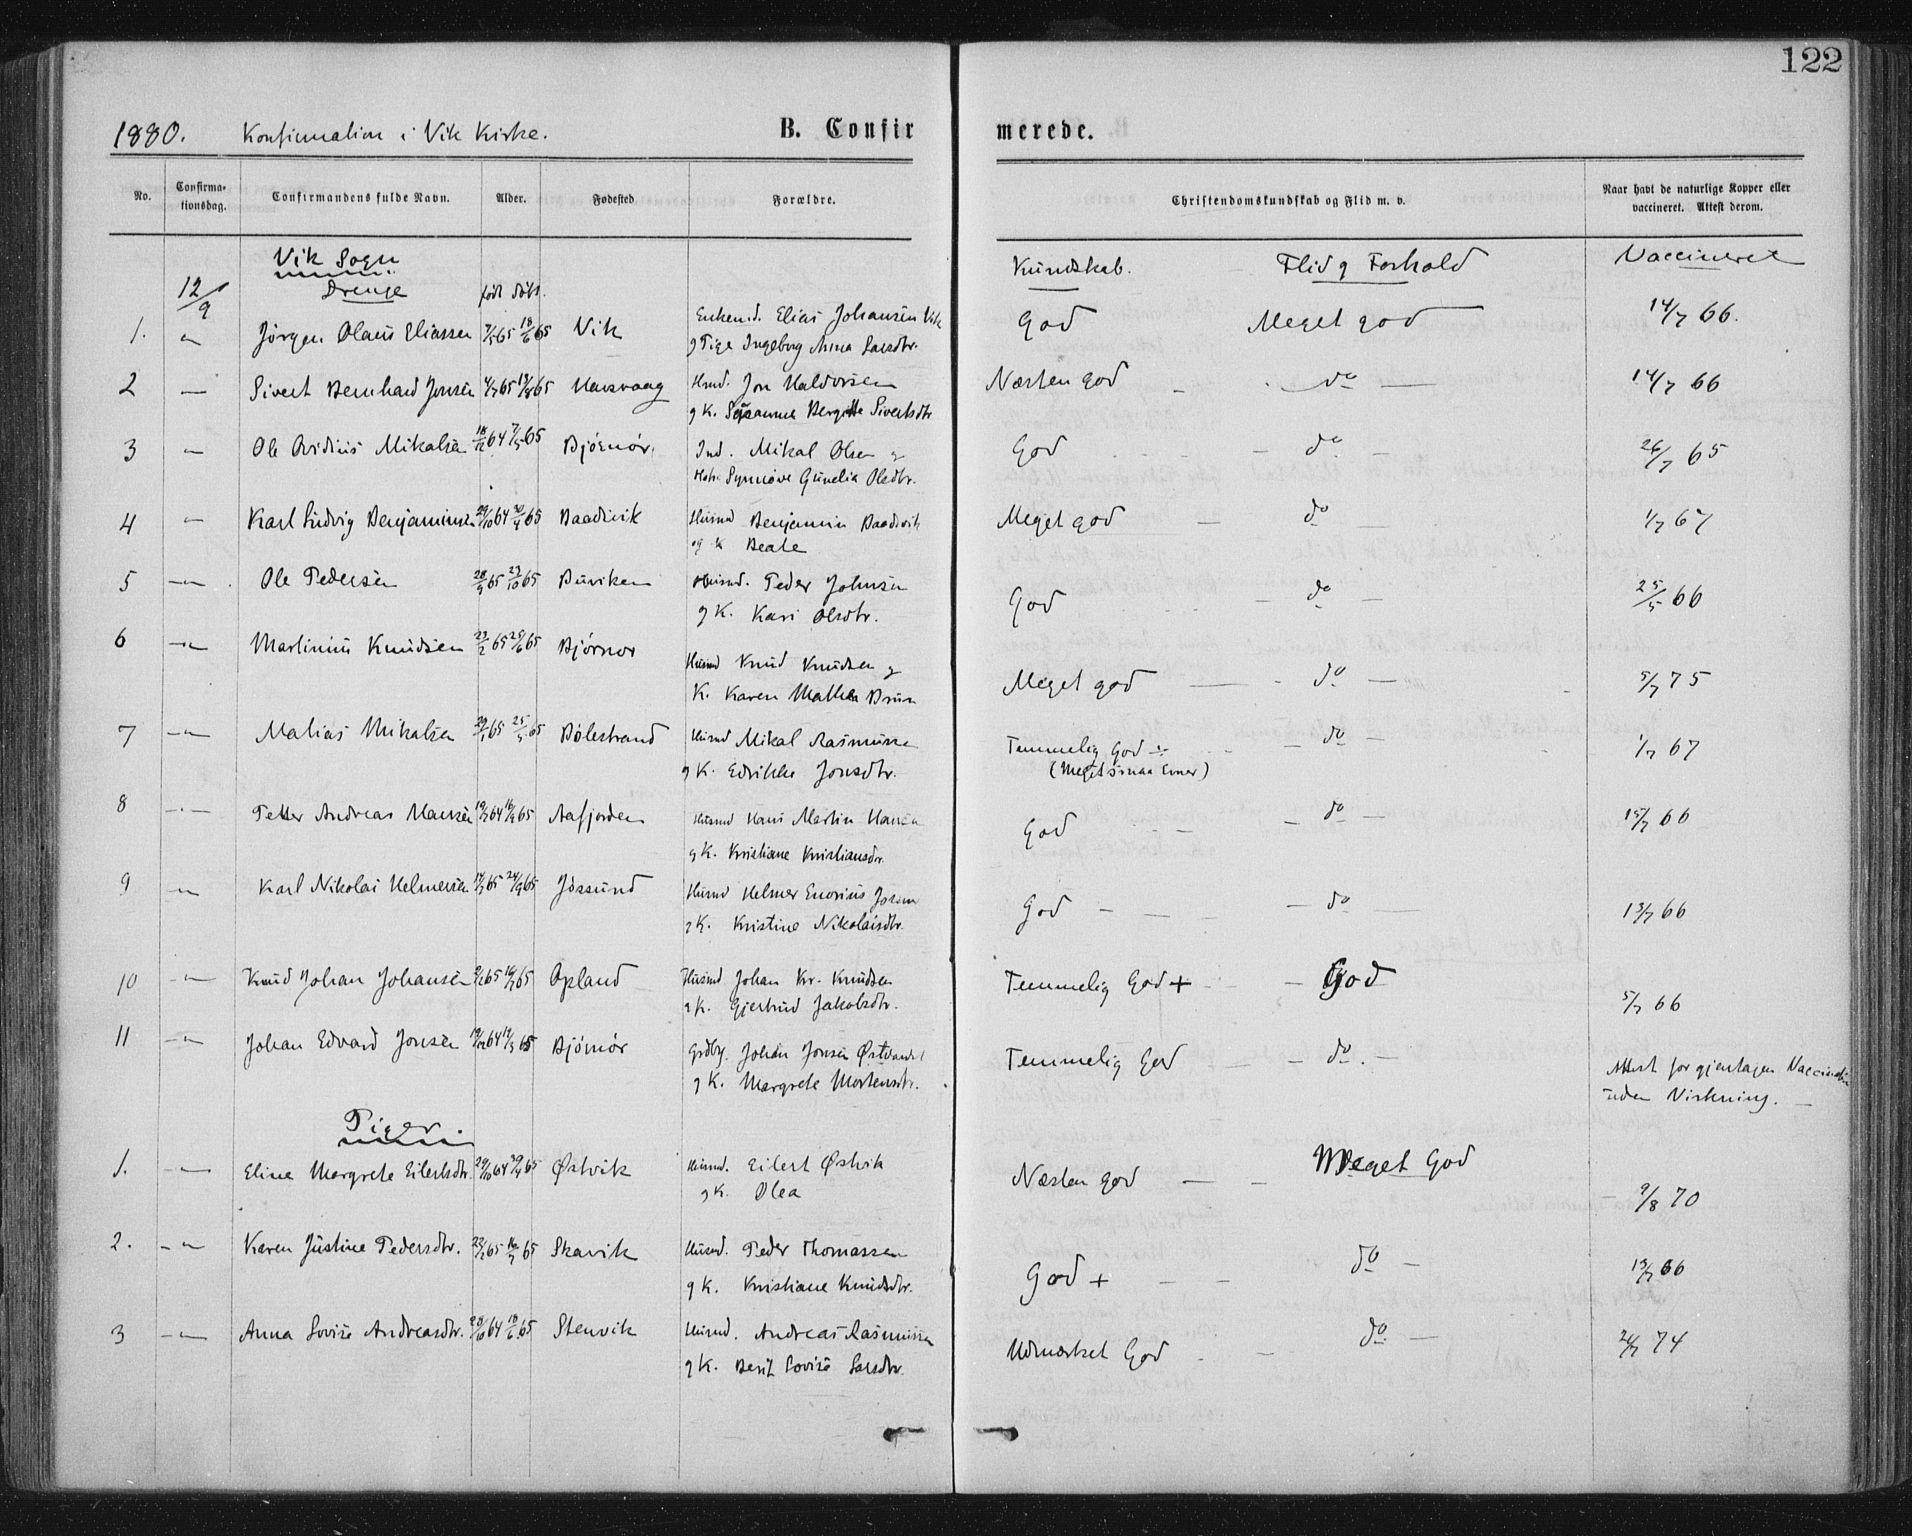 SAT, Ministerialprotokoller, klokkerbøker og fødselsregistre - Nord-Trøndelag, 771/L0596: Ministerialbok nr. 771A03, 1870-1884, s. 122